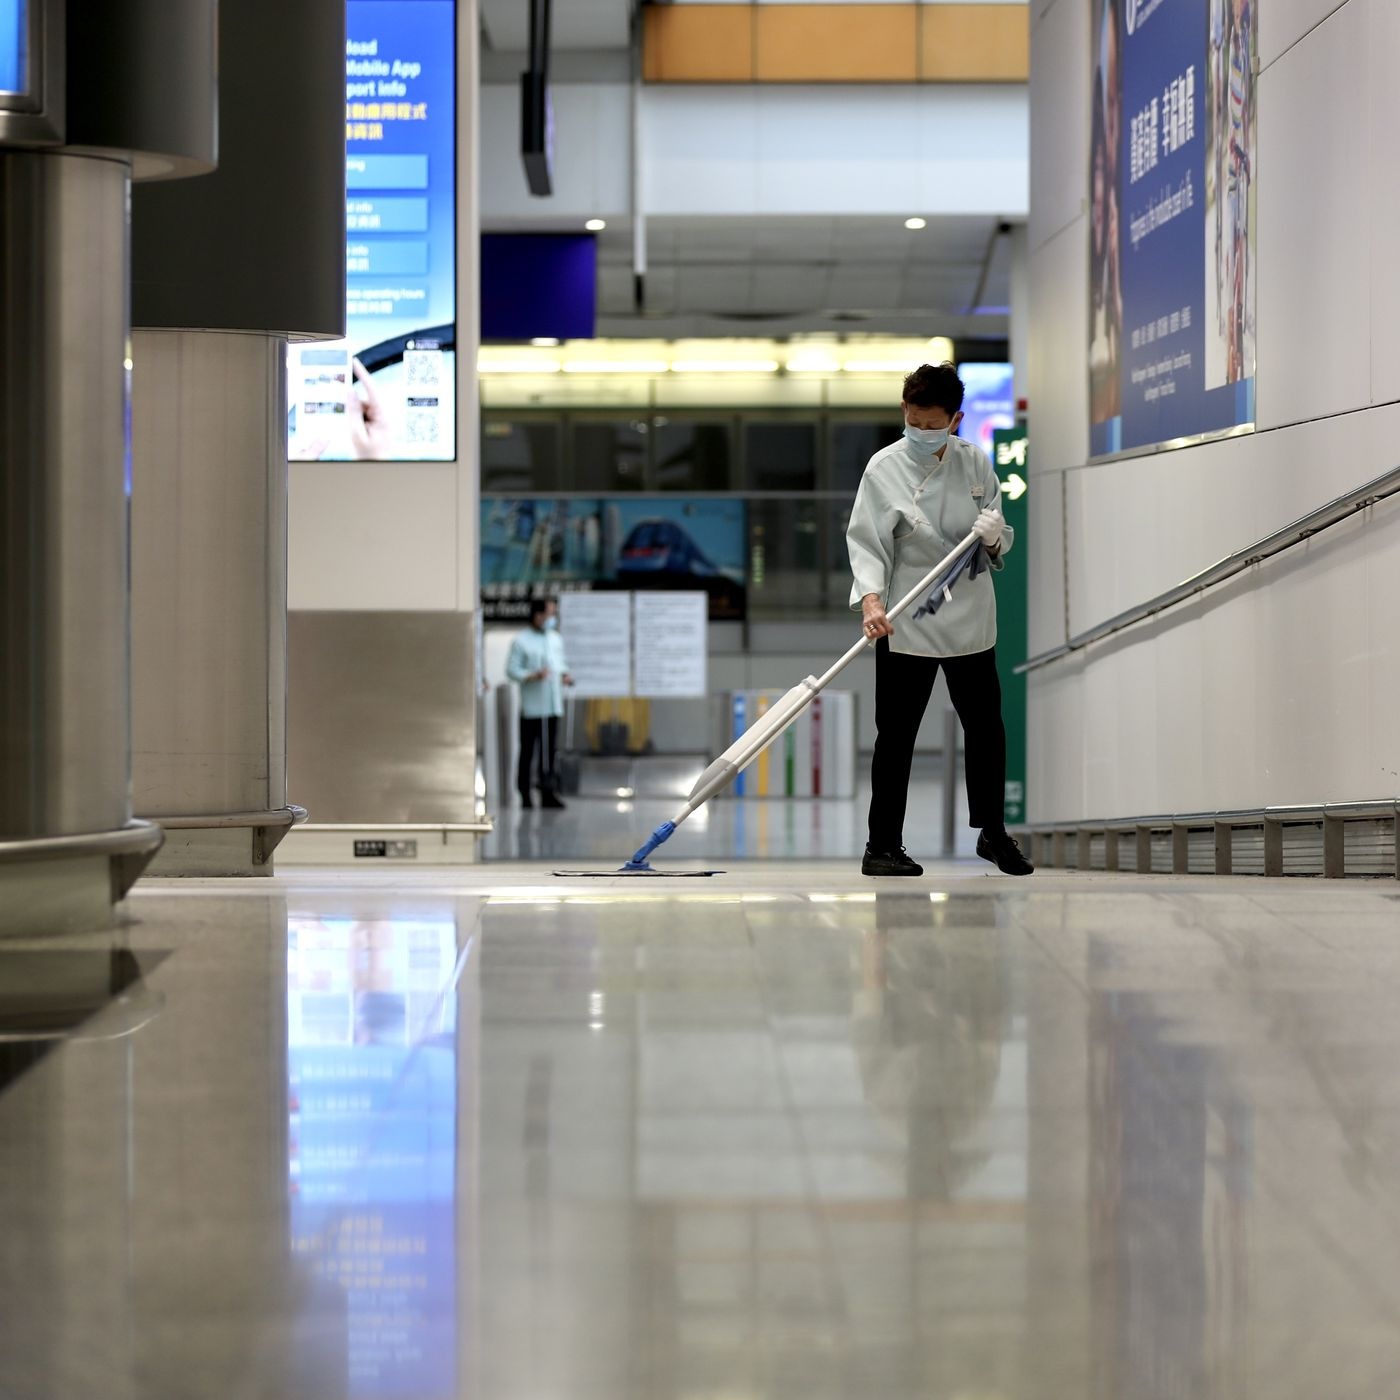 """Khủng hoảng tại các sân bay châu Á """"chạm đáy"""" với lượng hành khách giảm mạnh 95% - Ảnh 4."""